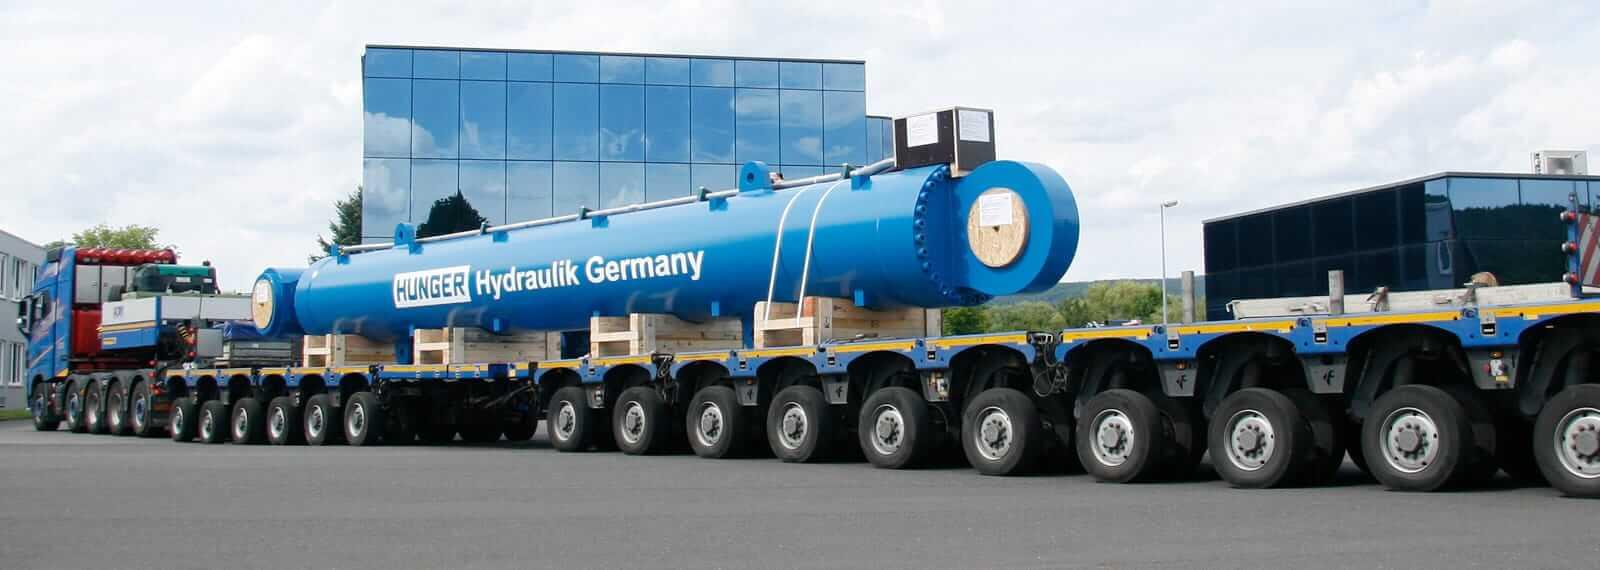 Pendelachsen von gigant transportieren schwere Lasten.